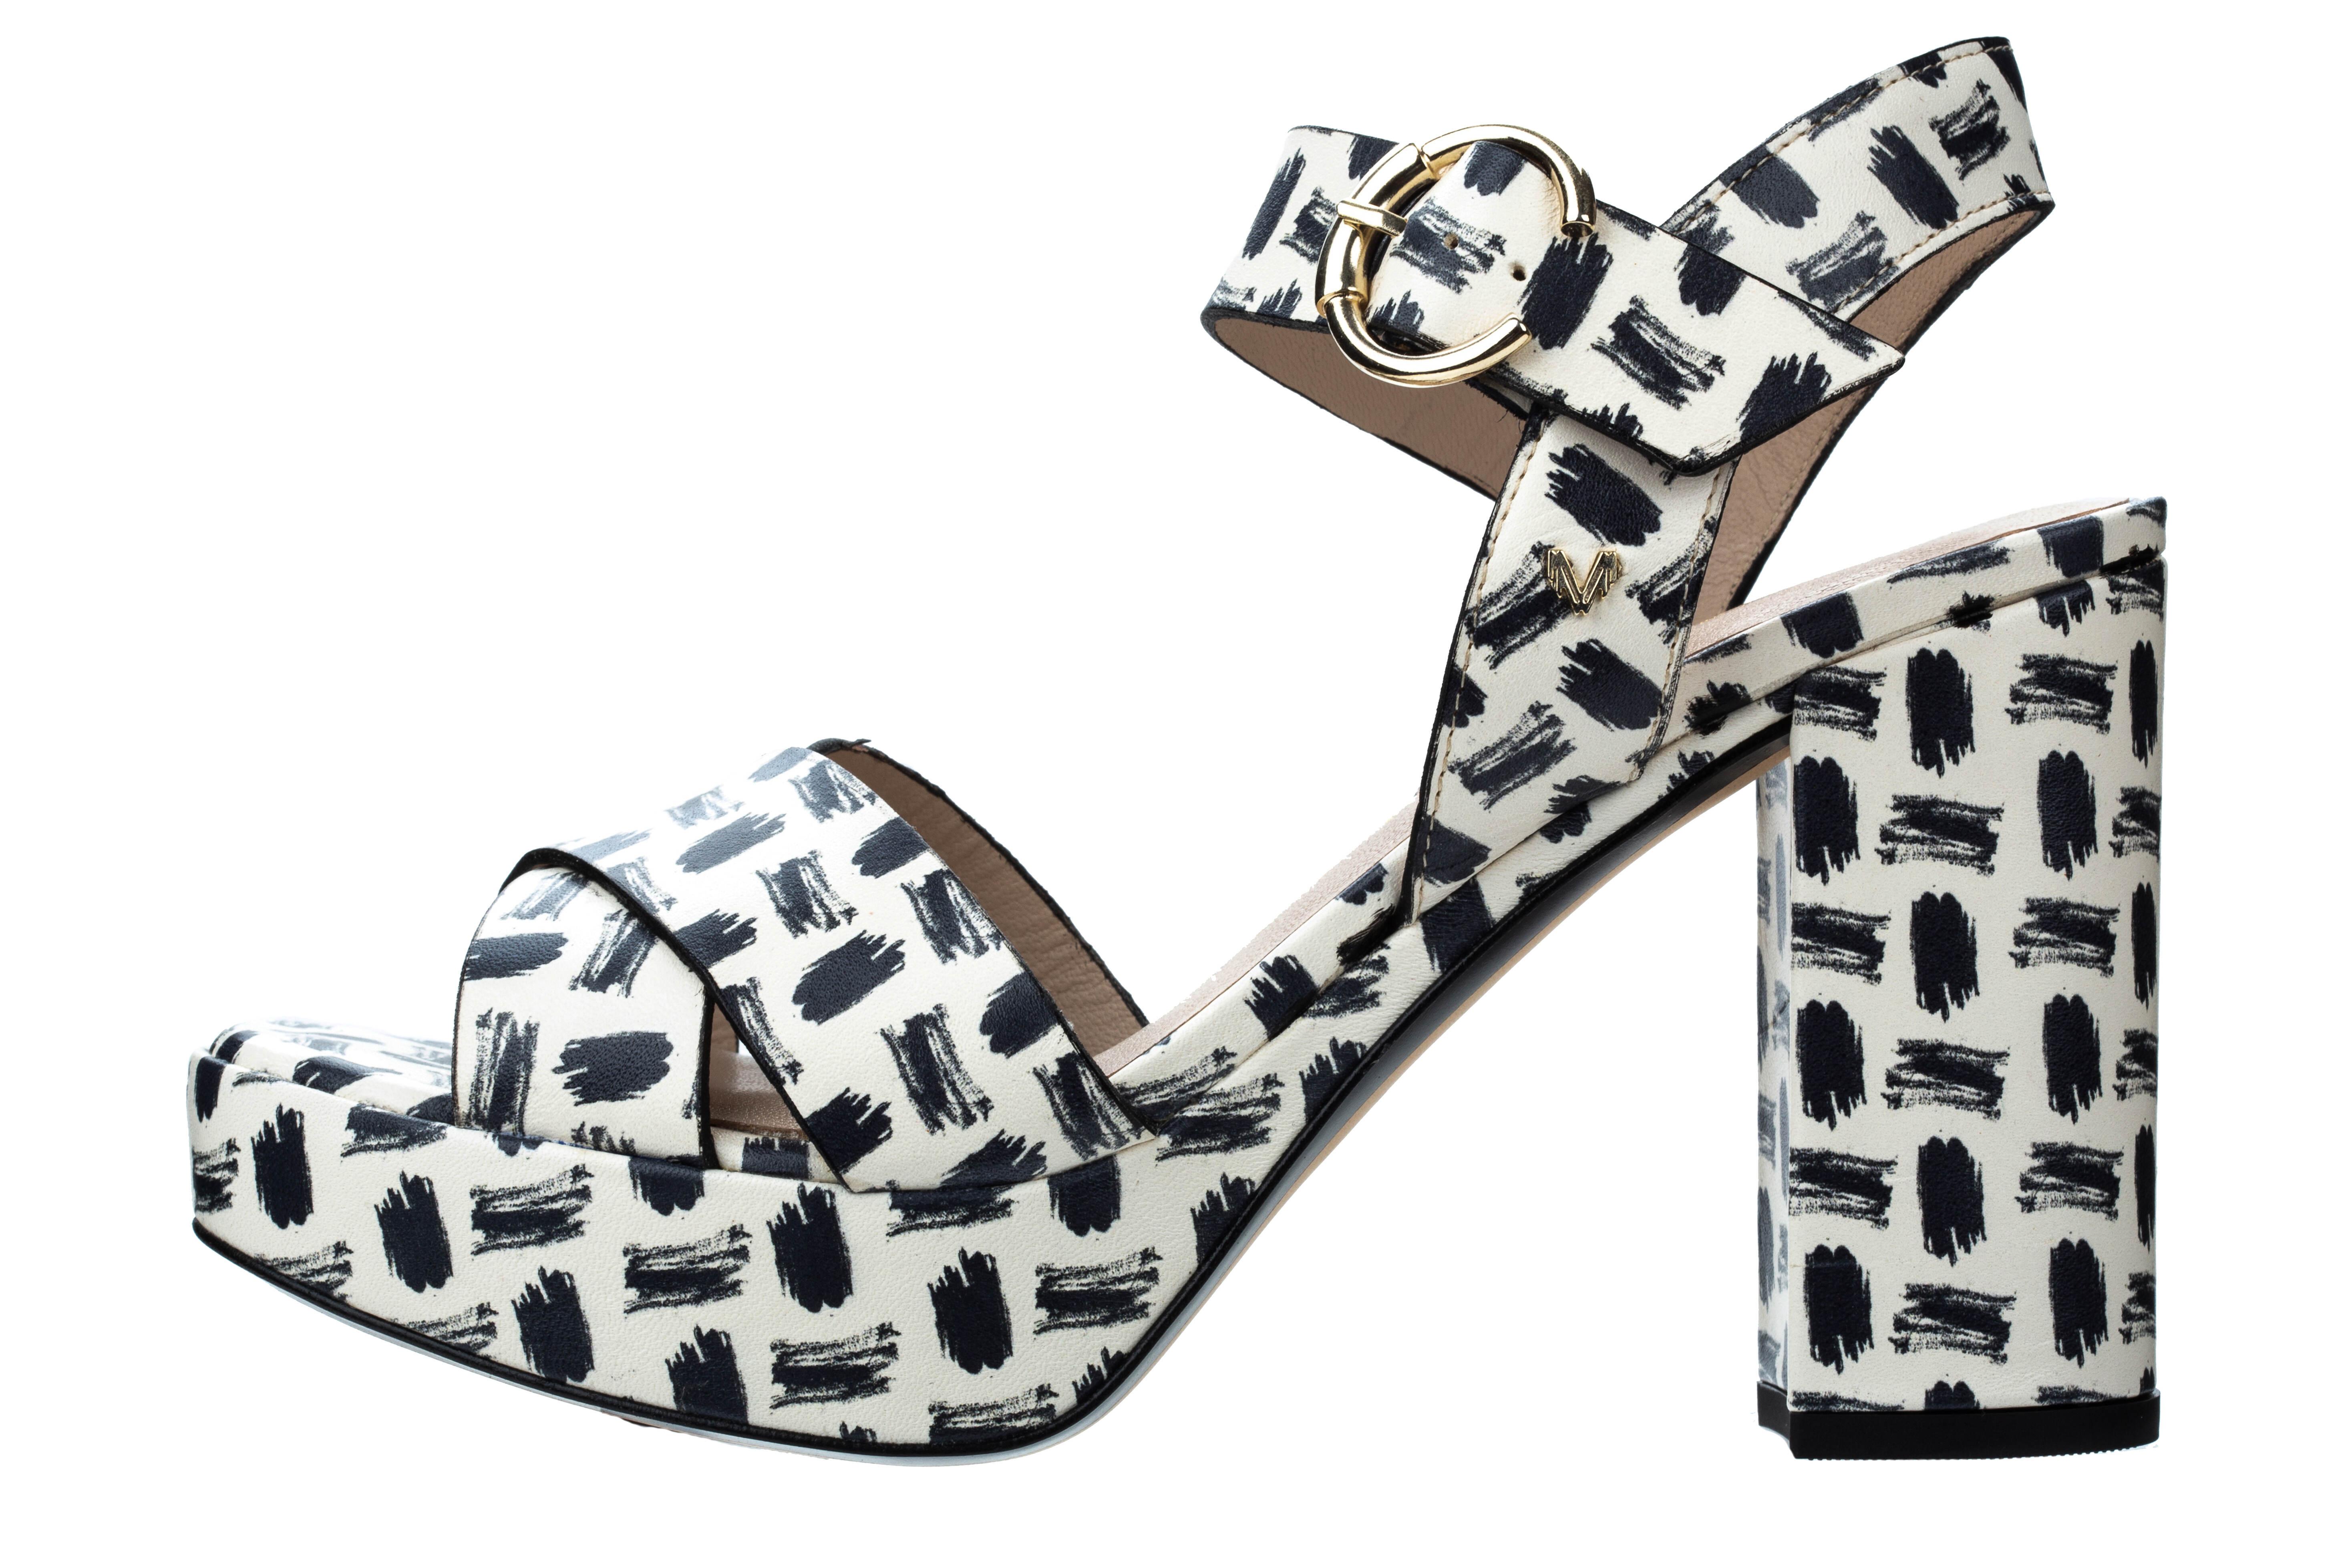 Sandalias en blanco y negro